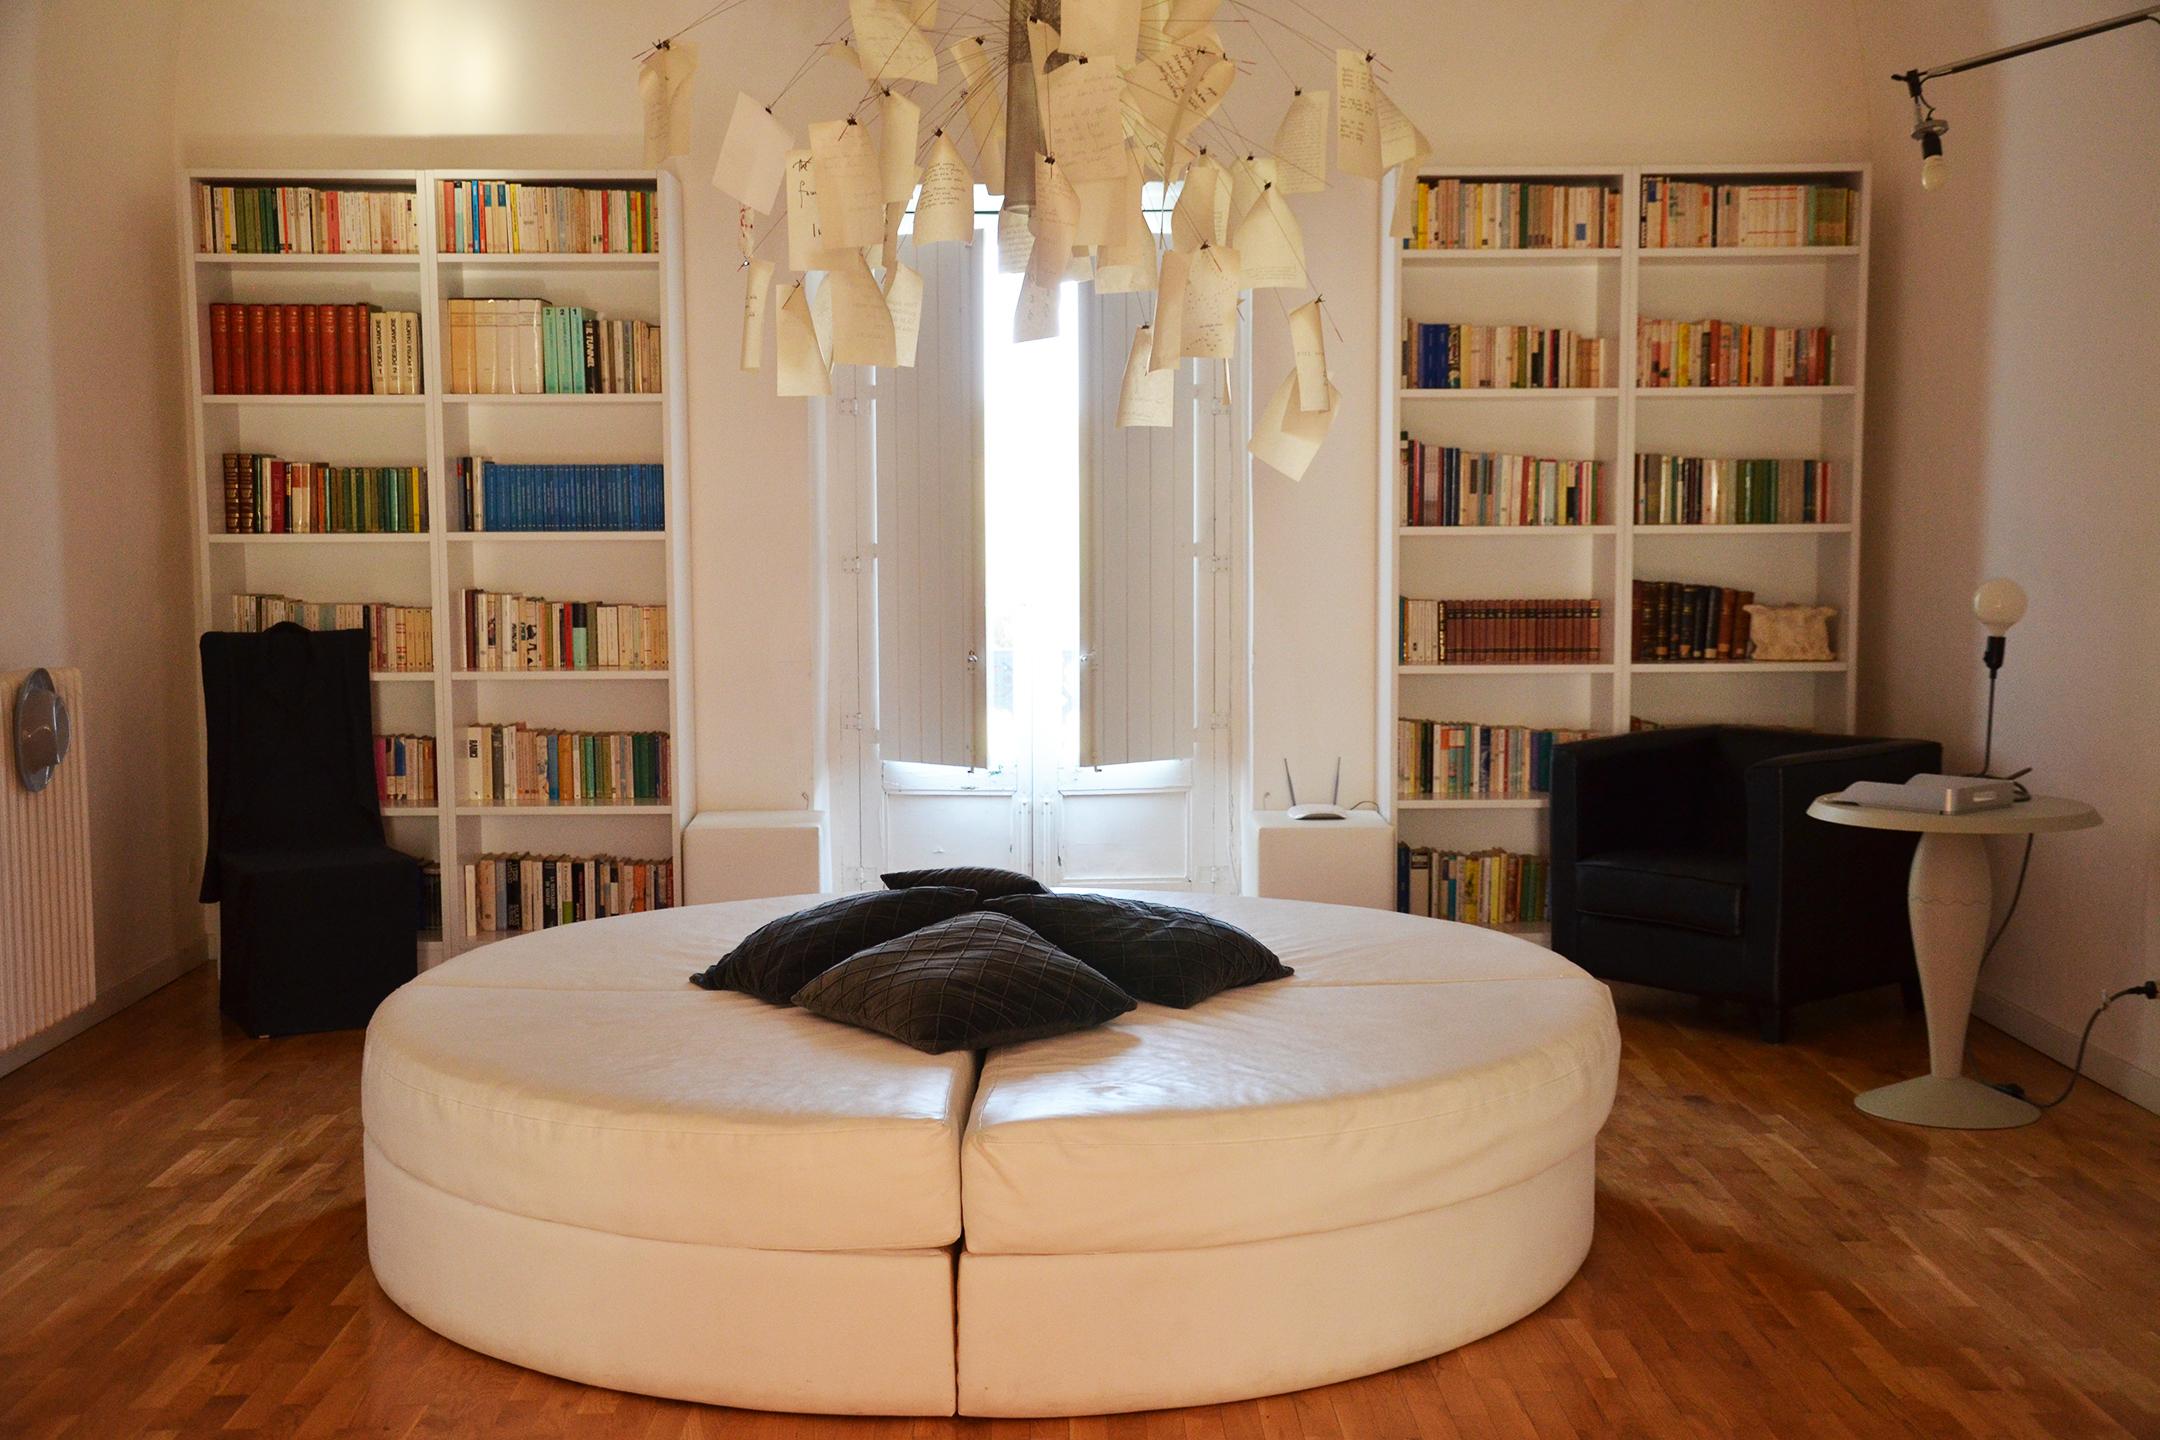 bed-and-breakfast-sicilia-alessia-canella-B&B-giardino-siciliano-sicily-trip-viaggiare-camera-da-letto-sicily